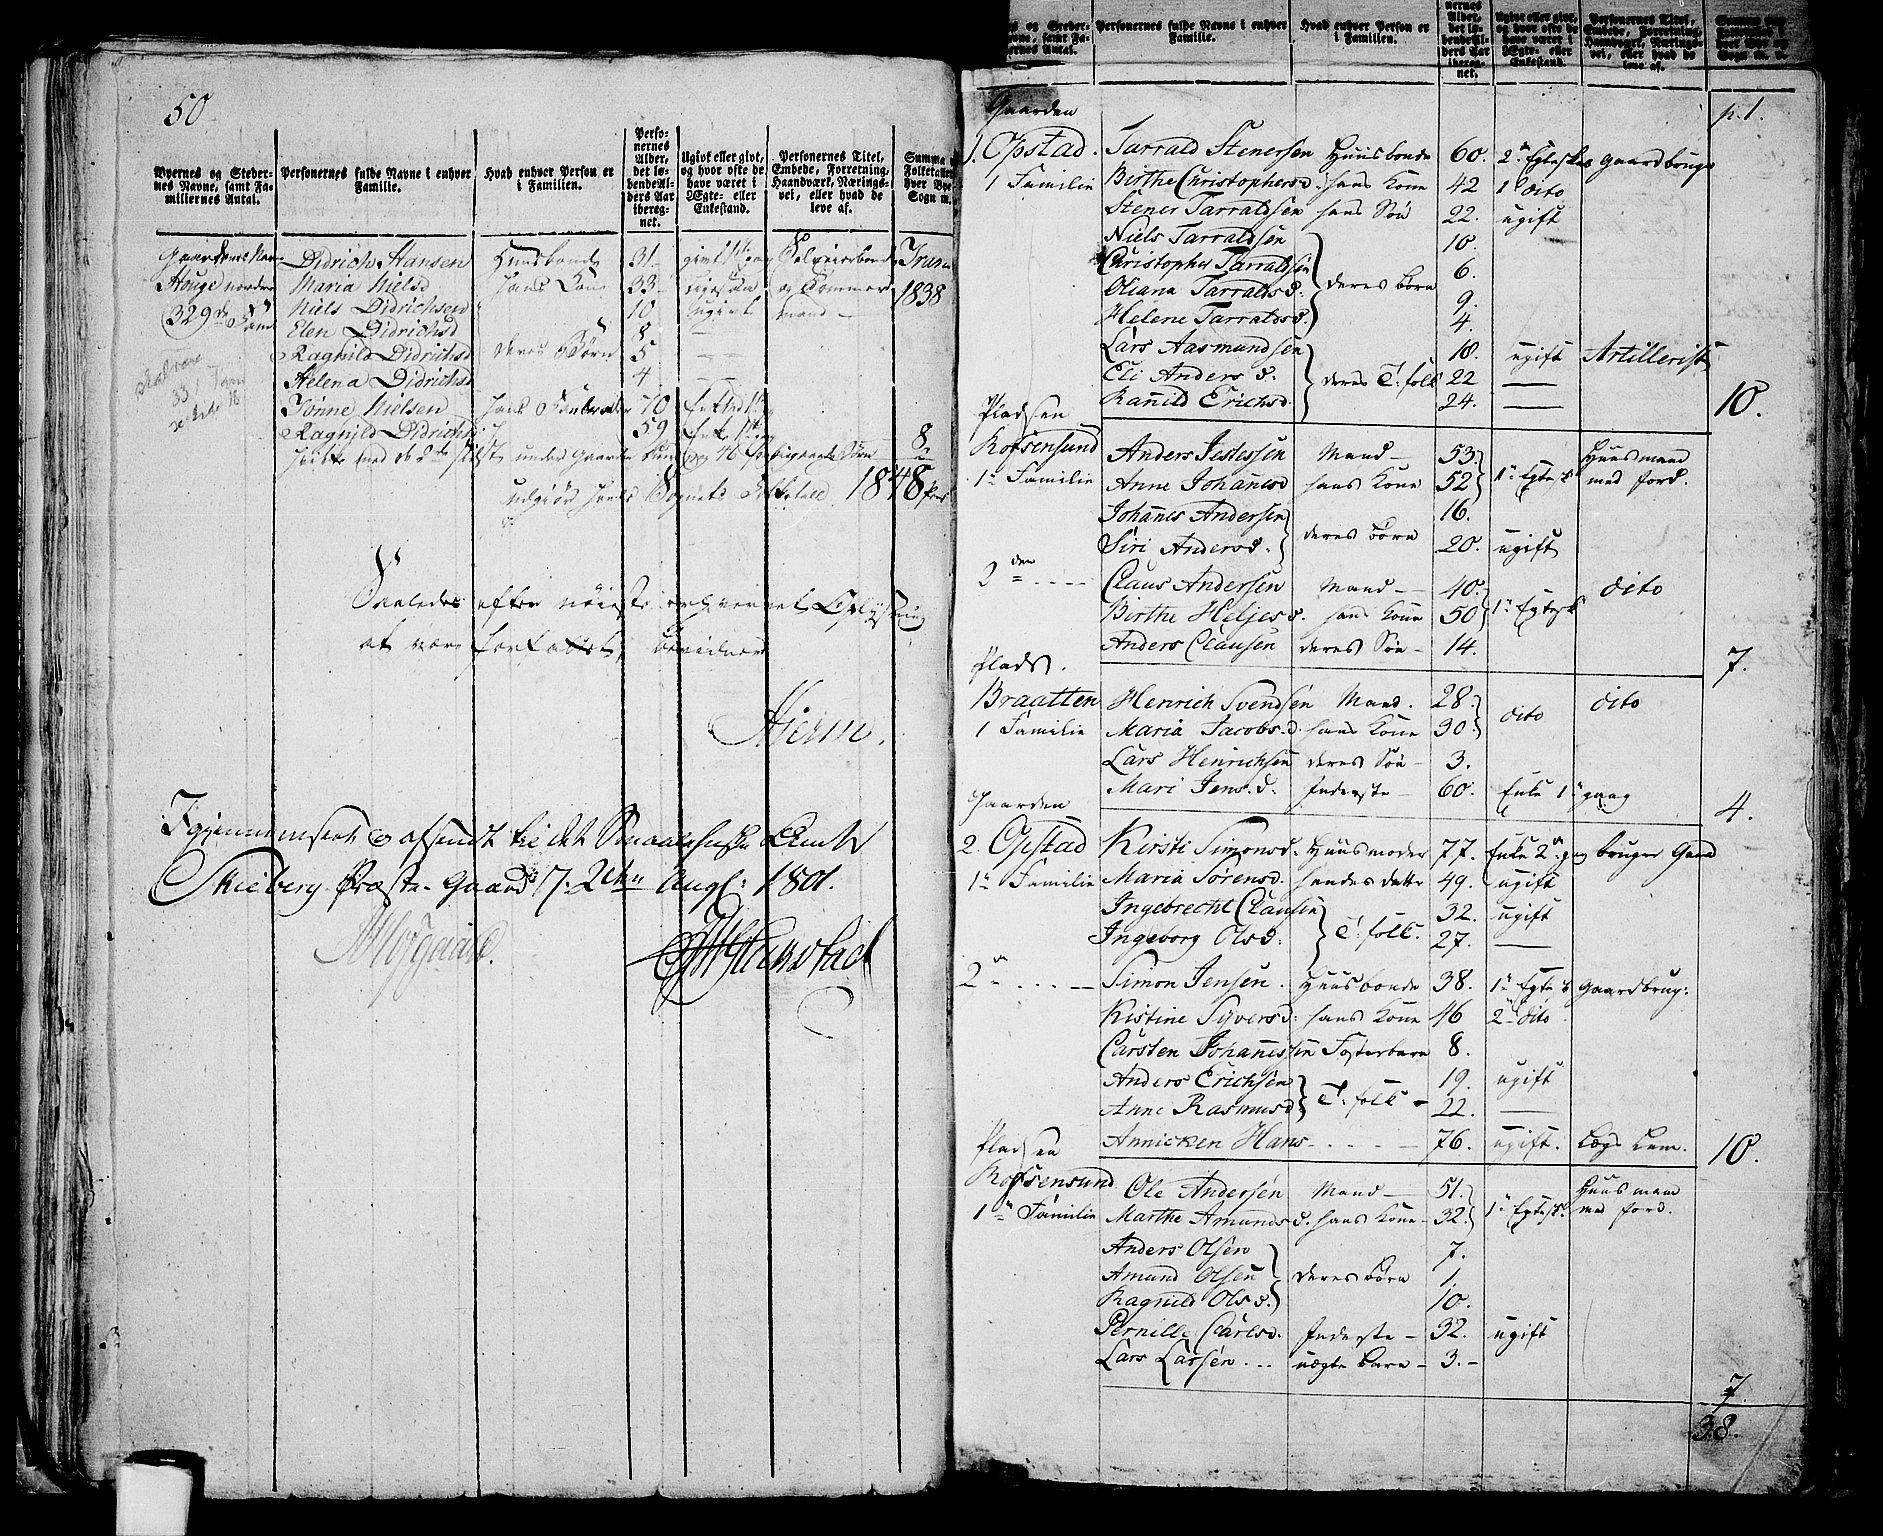 RA, Folketelling 1801 for 0130P Tune prestegjeld, 1801, s. 185b-186a